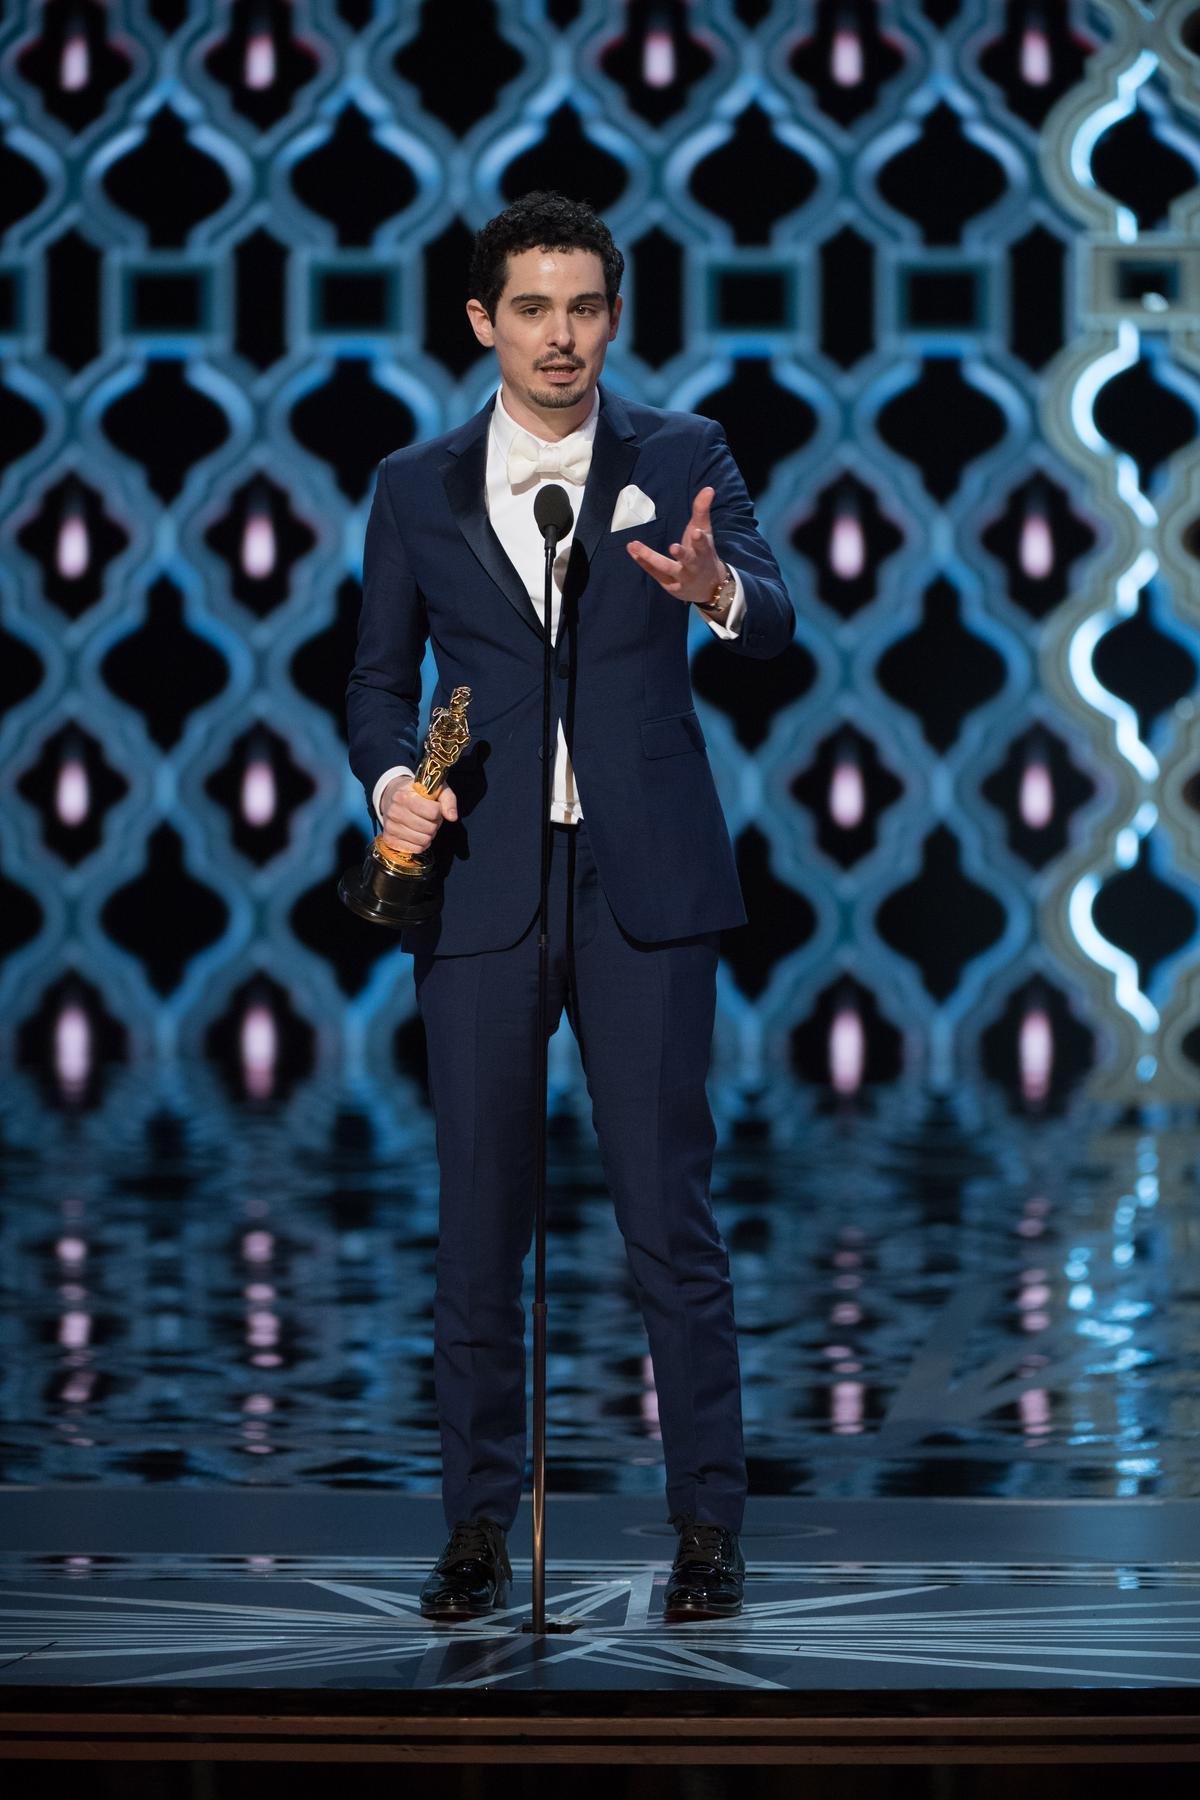 達米恩查澤雷是奧斯卡史上最年輕的最佳導演,33歲!